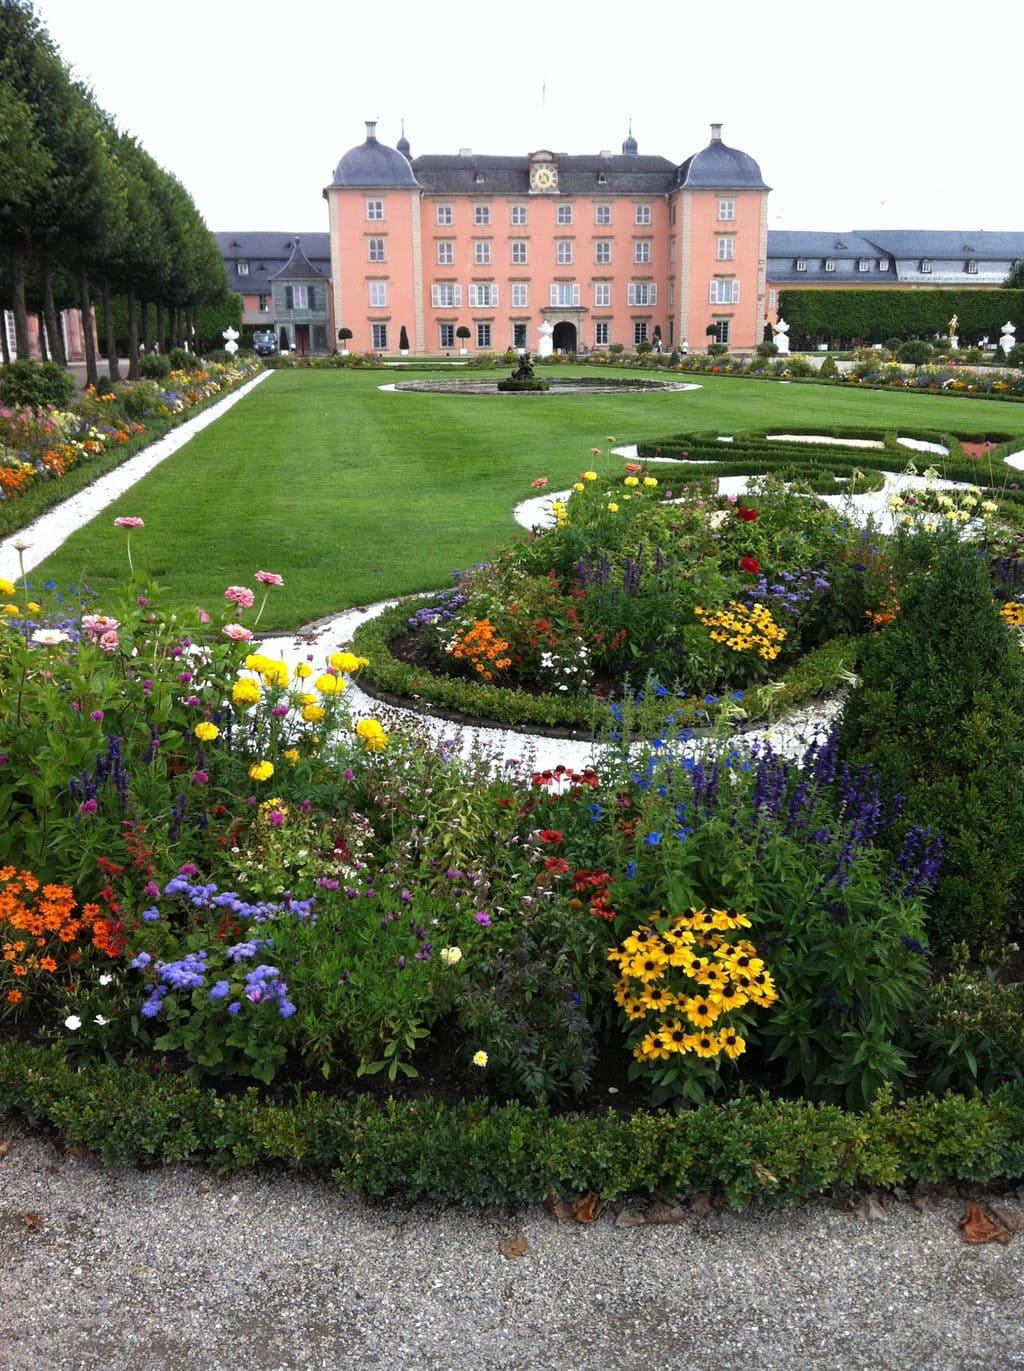 Bloemenbed met kasteel Schwetzingen op de achtergrond